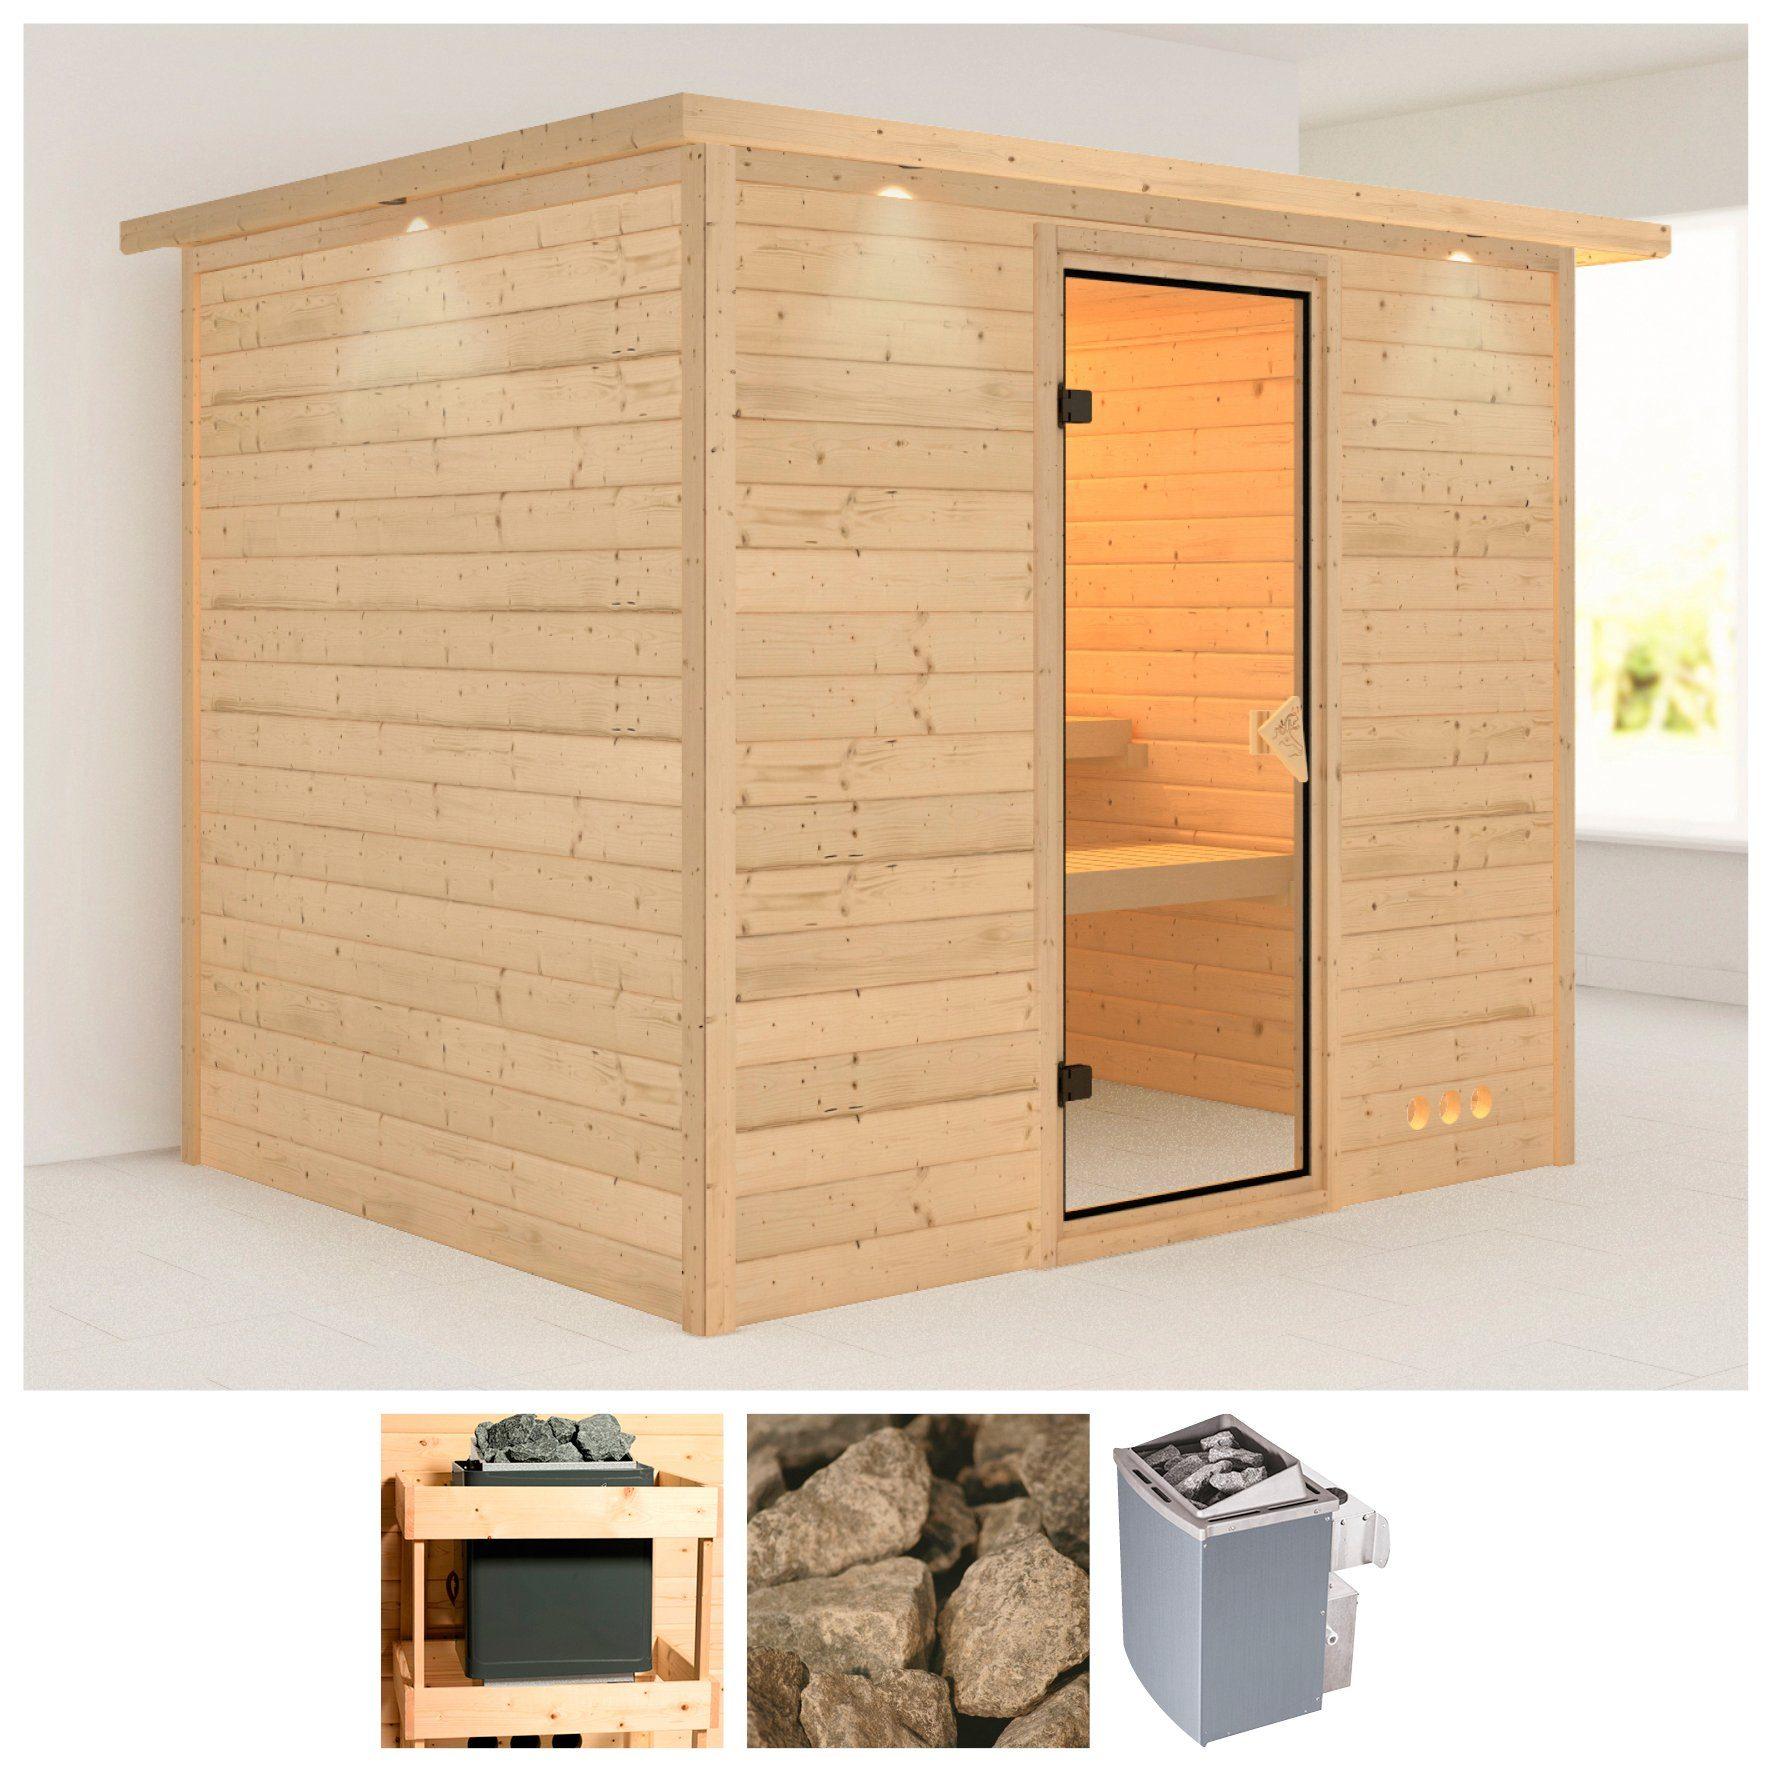 KARIBU Sauna »Karla«, 231/196/200 cm, 38 mm, 9-kW-Ofen mit int. Steuerung